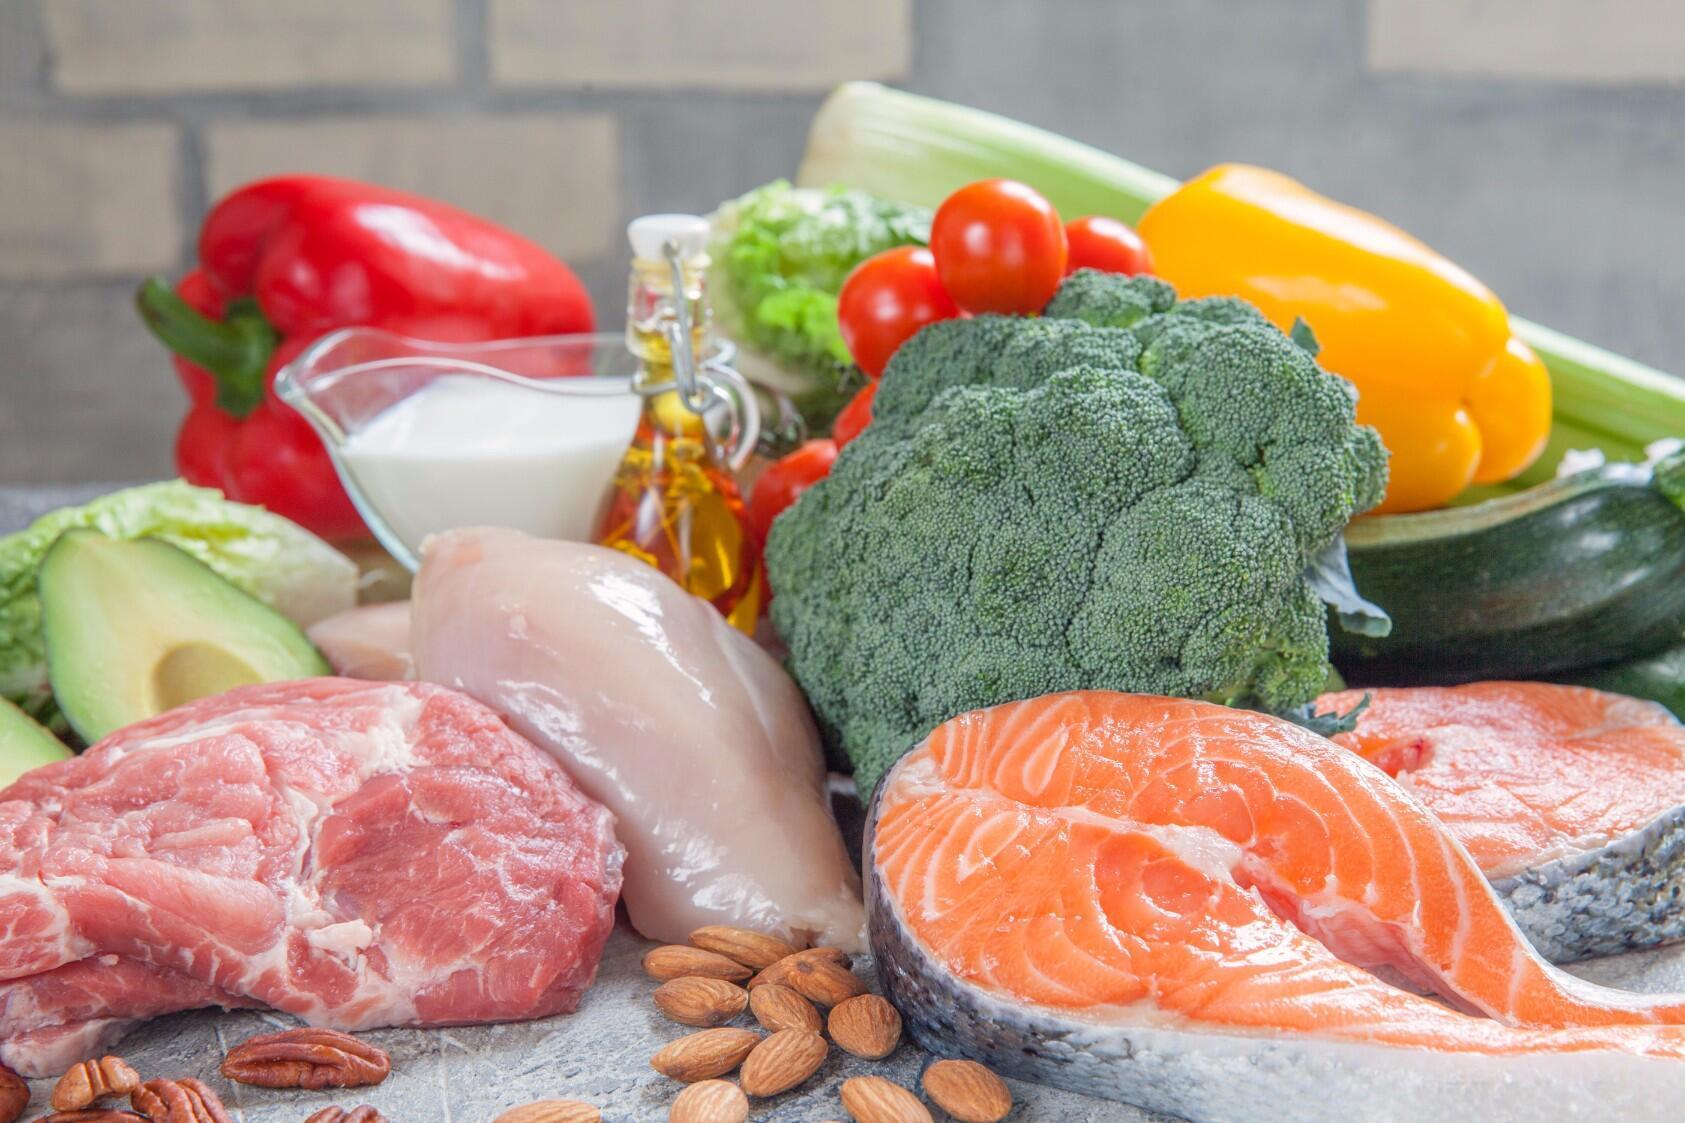 Tatil sonrası beslenme alışkanlıklarına düzen şart